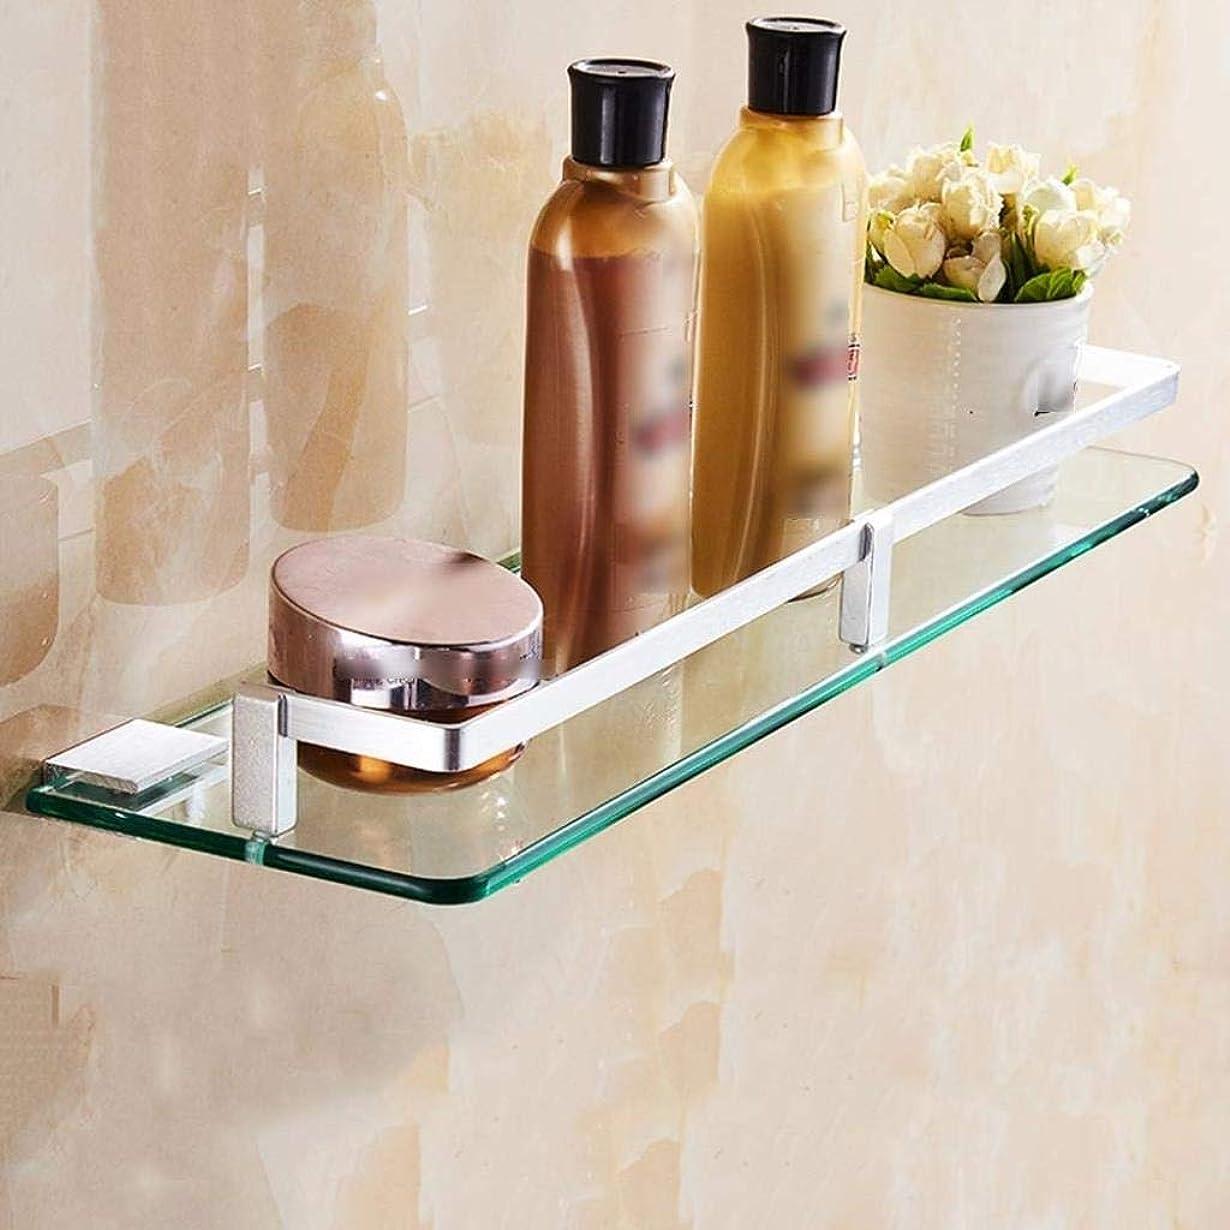 親密な確認する直径CXM バスルーム棚、スペースアルミシャワールームガラス棚浴室6サイズオプションの浴室の棚のガラスの場合(色:50cmx19.6inch)、省スペース30cmx11.8inch(カラー:30cmx11.8inch)